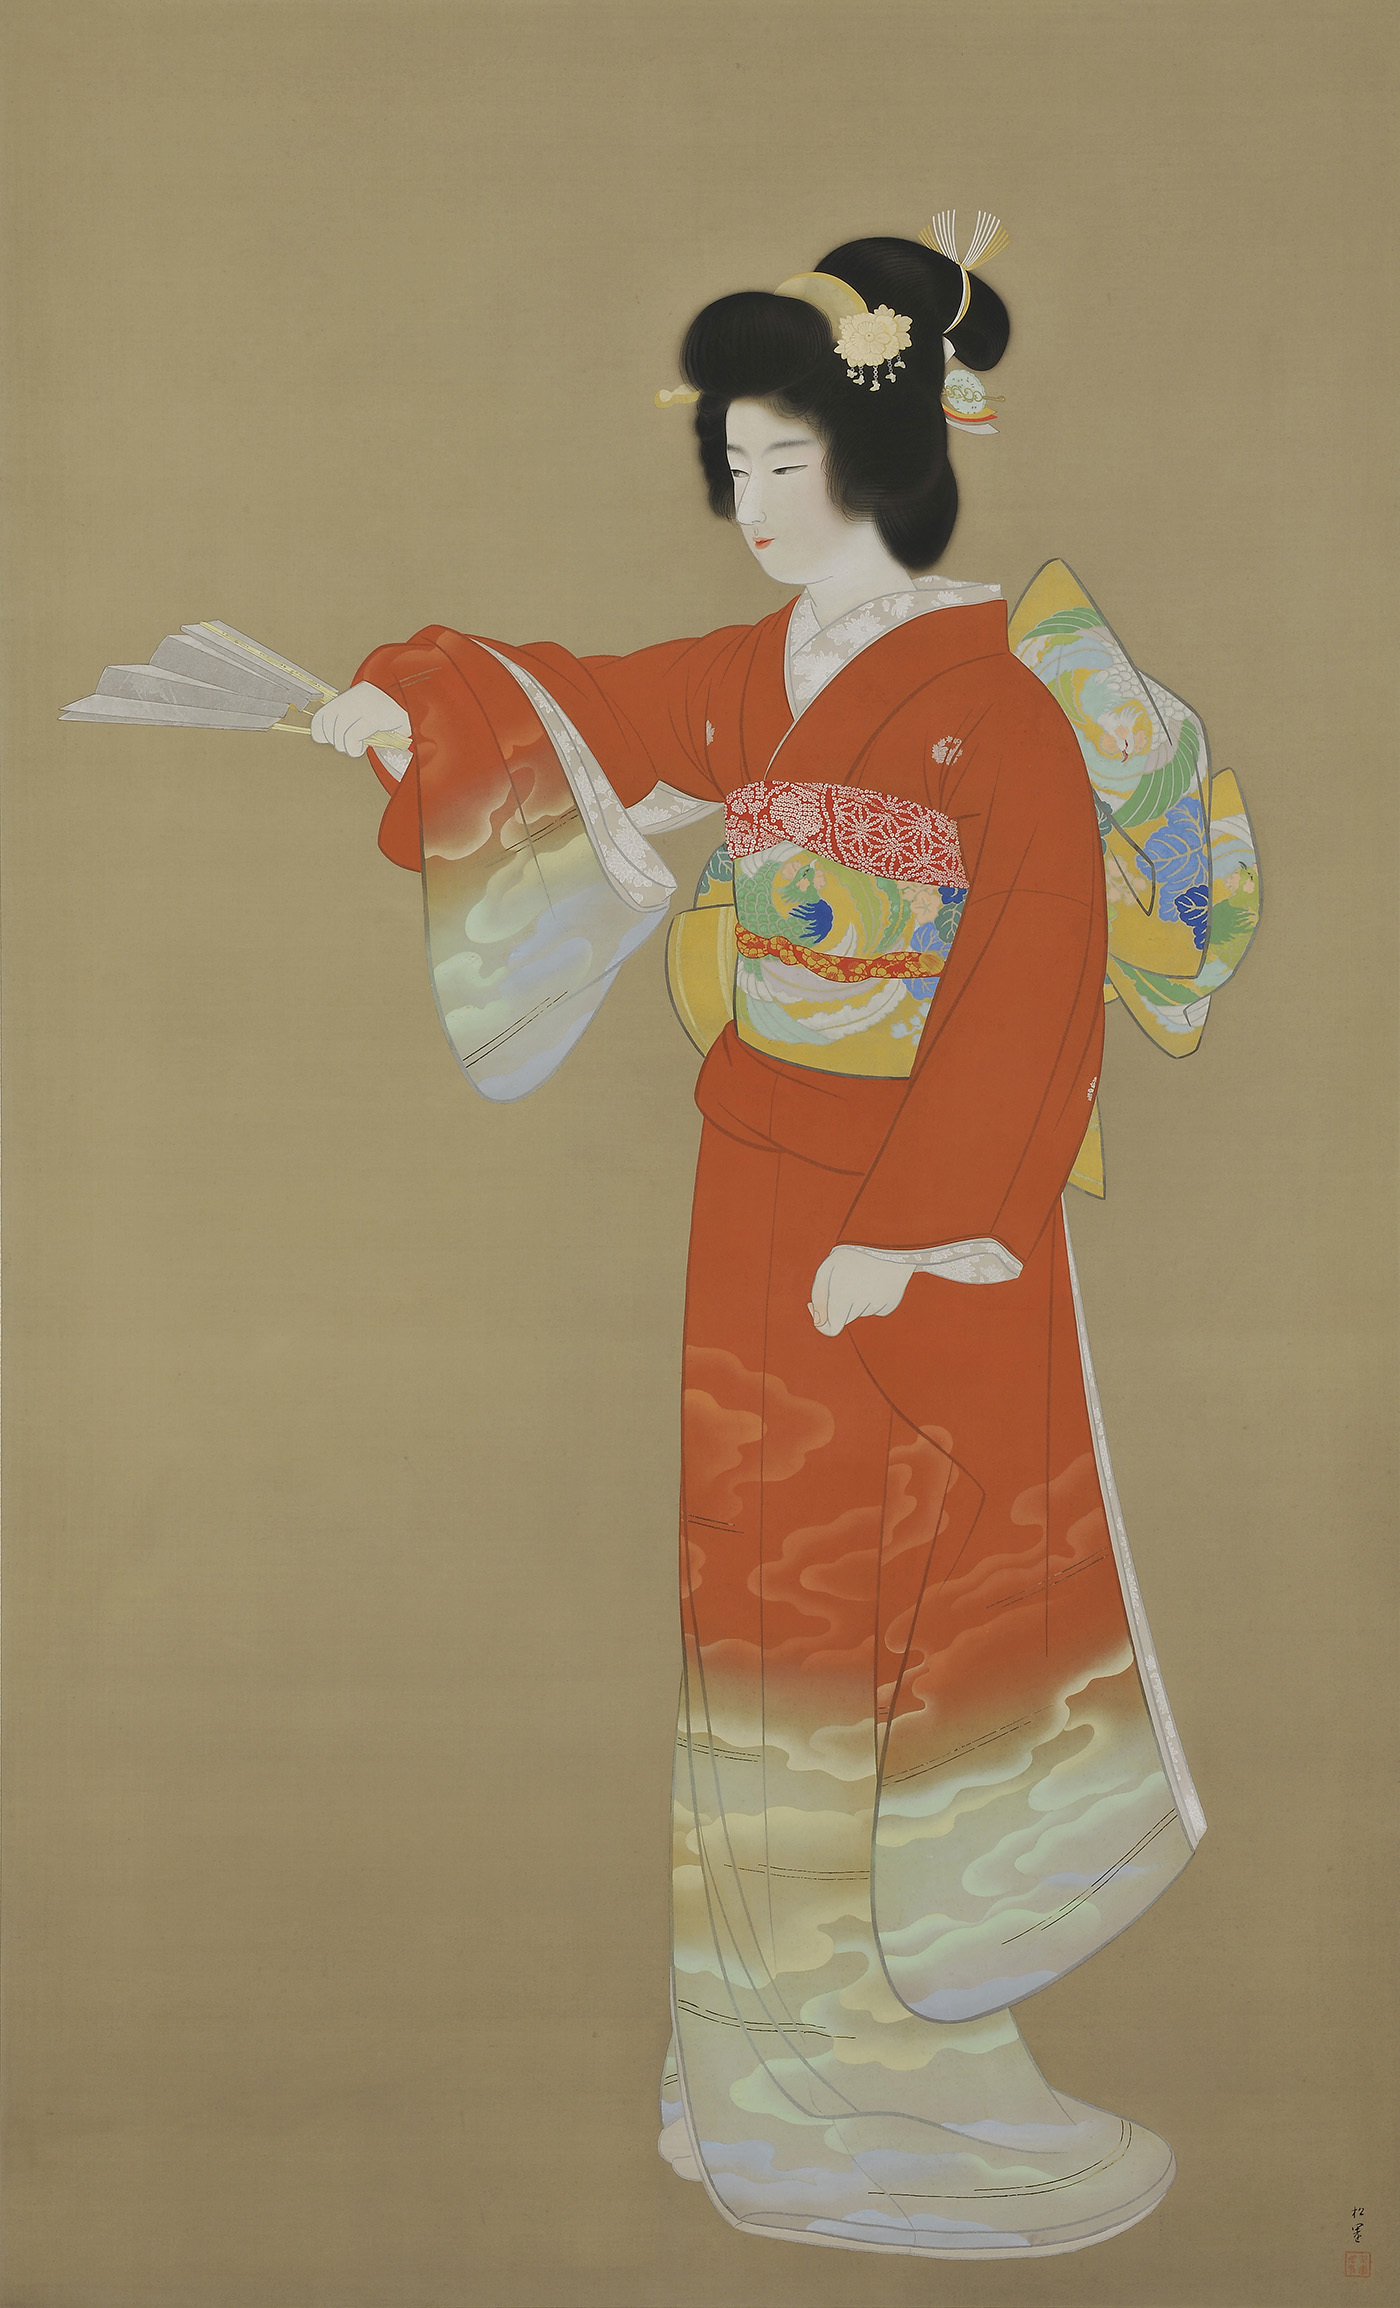 上村松園《序の舞》重要文化財 昭和11年(1936) 300.0×209.0 東京藝術大学蔵